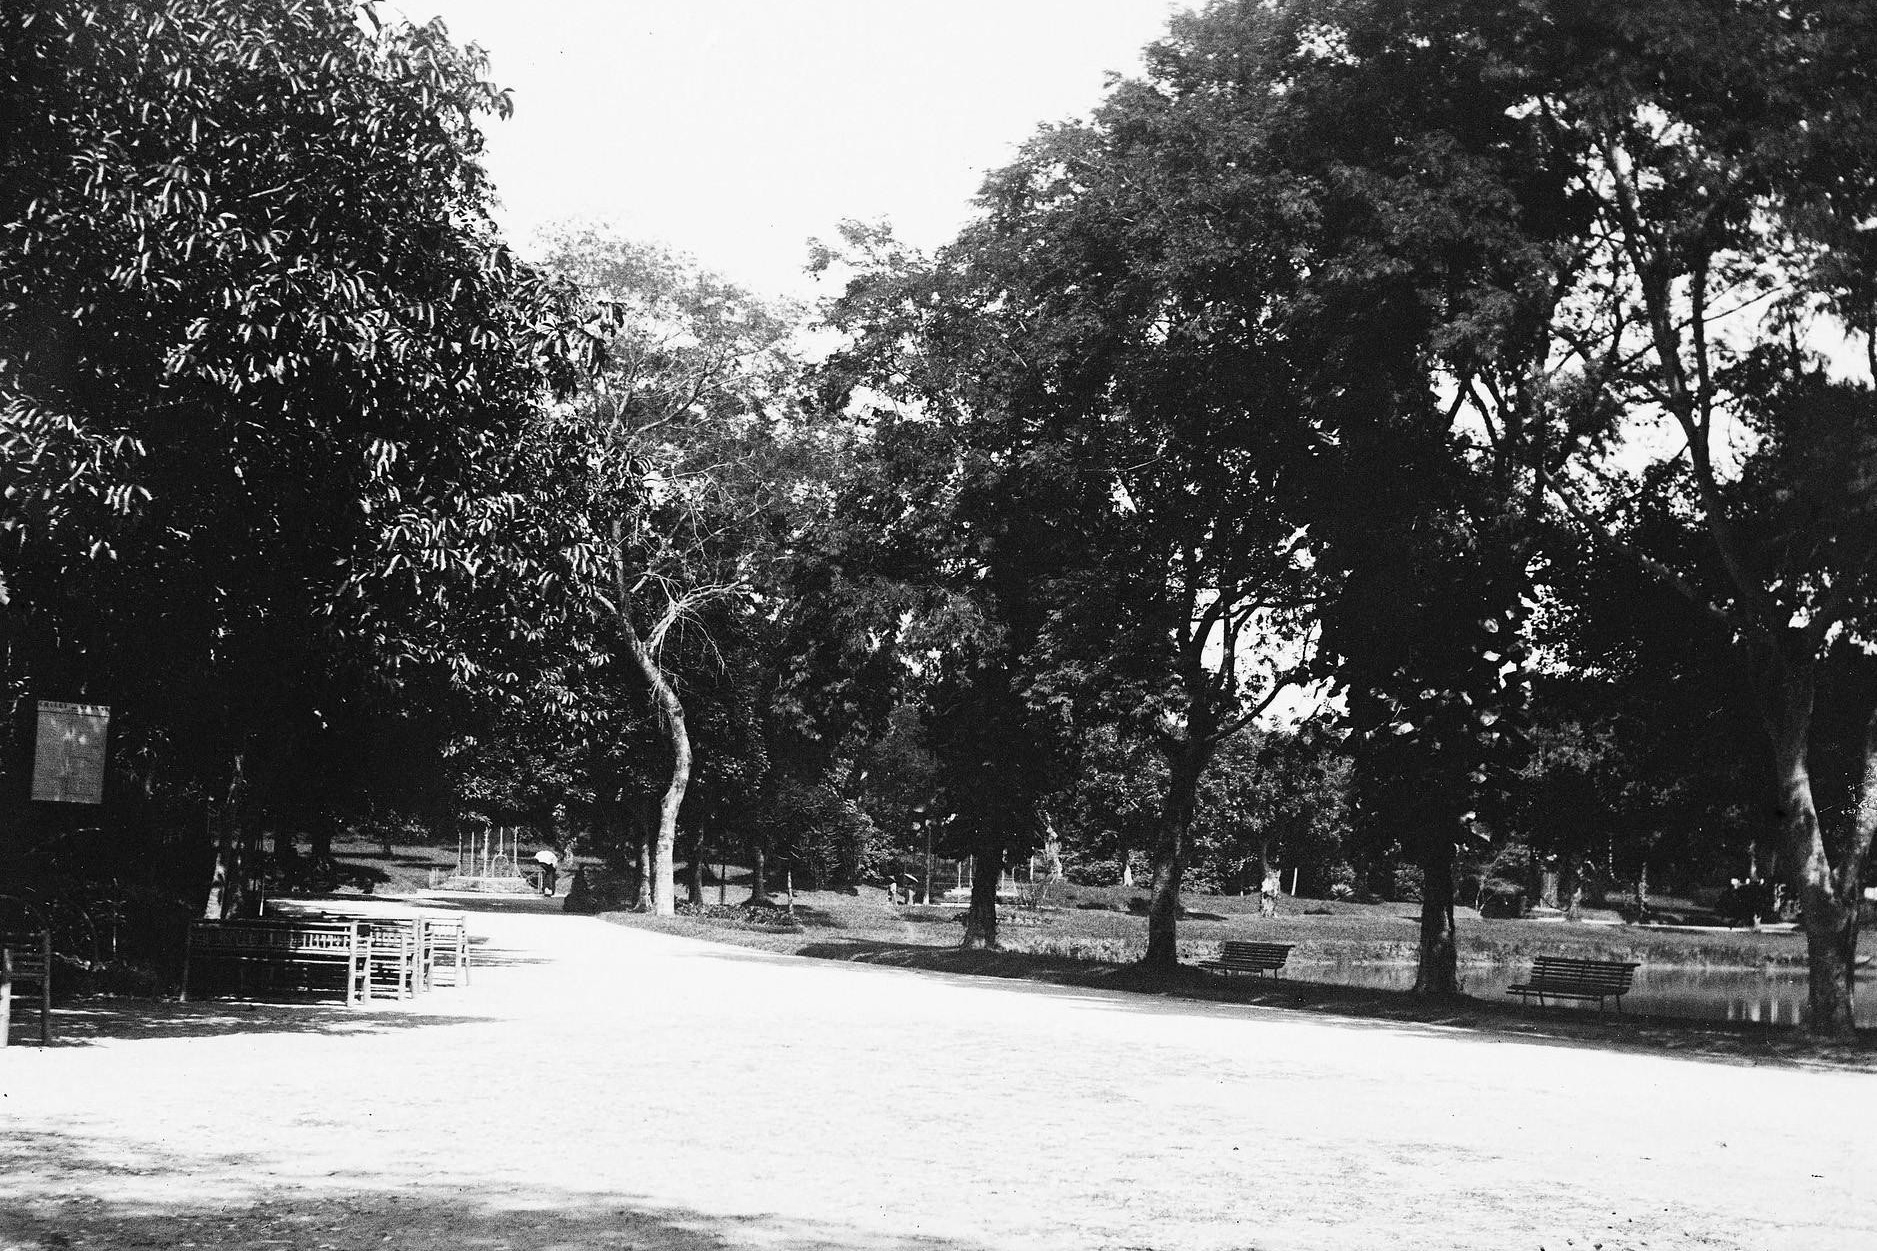 Ảnh hiếm về vườn Bách thảo Hà Nội thuở sơ khai